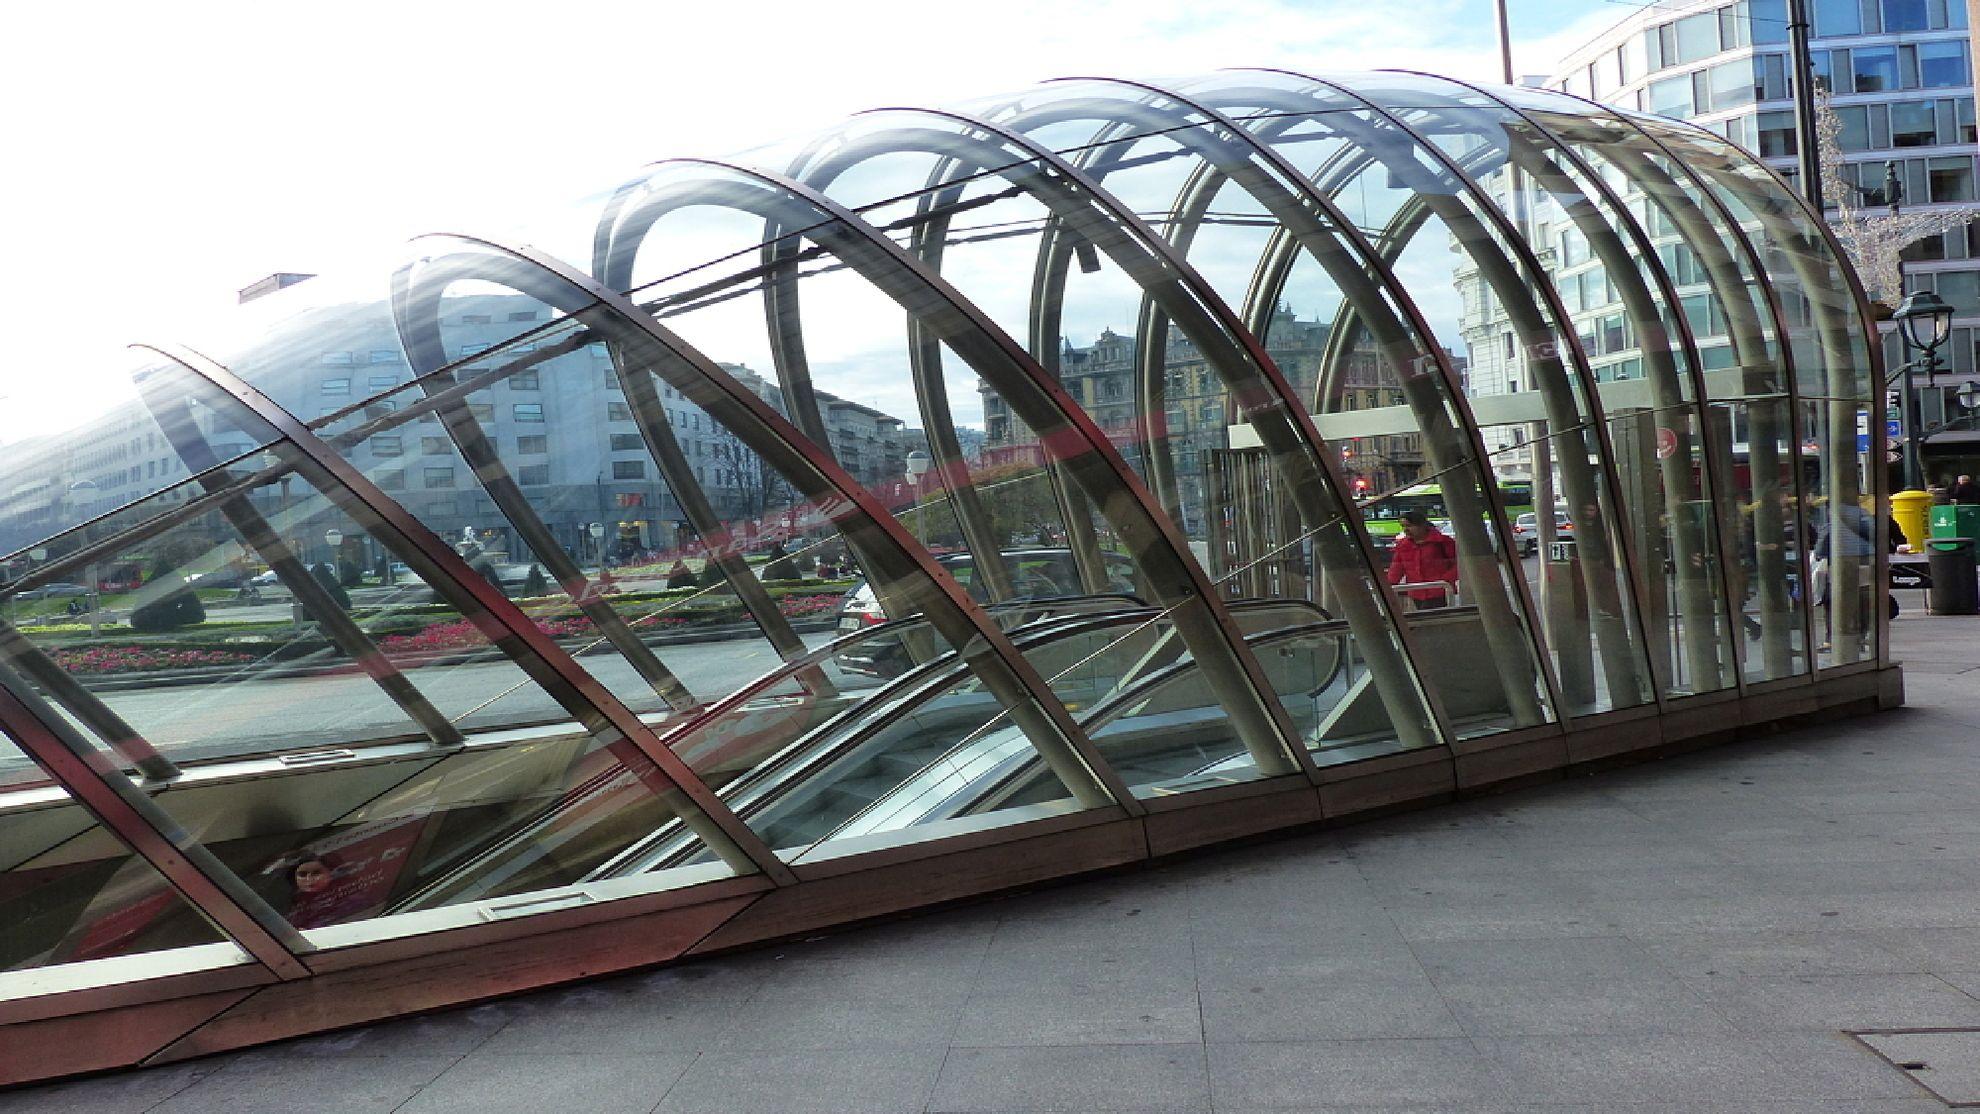 Bilbao: architettura, progetti sostenibili e archistar